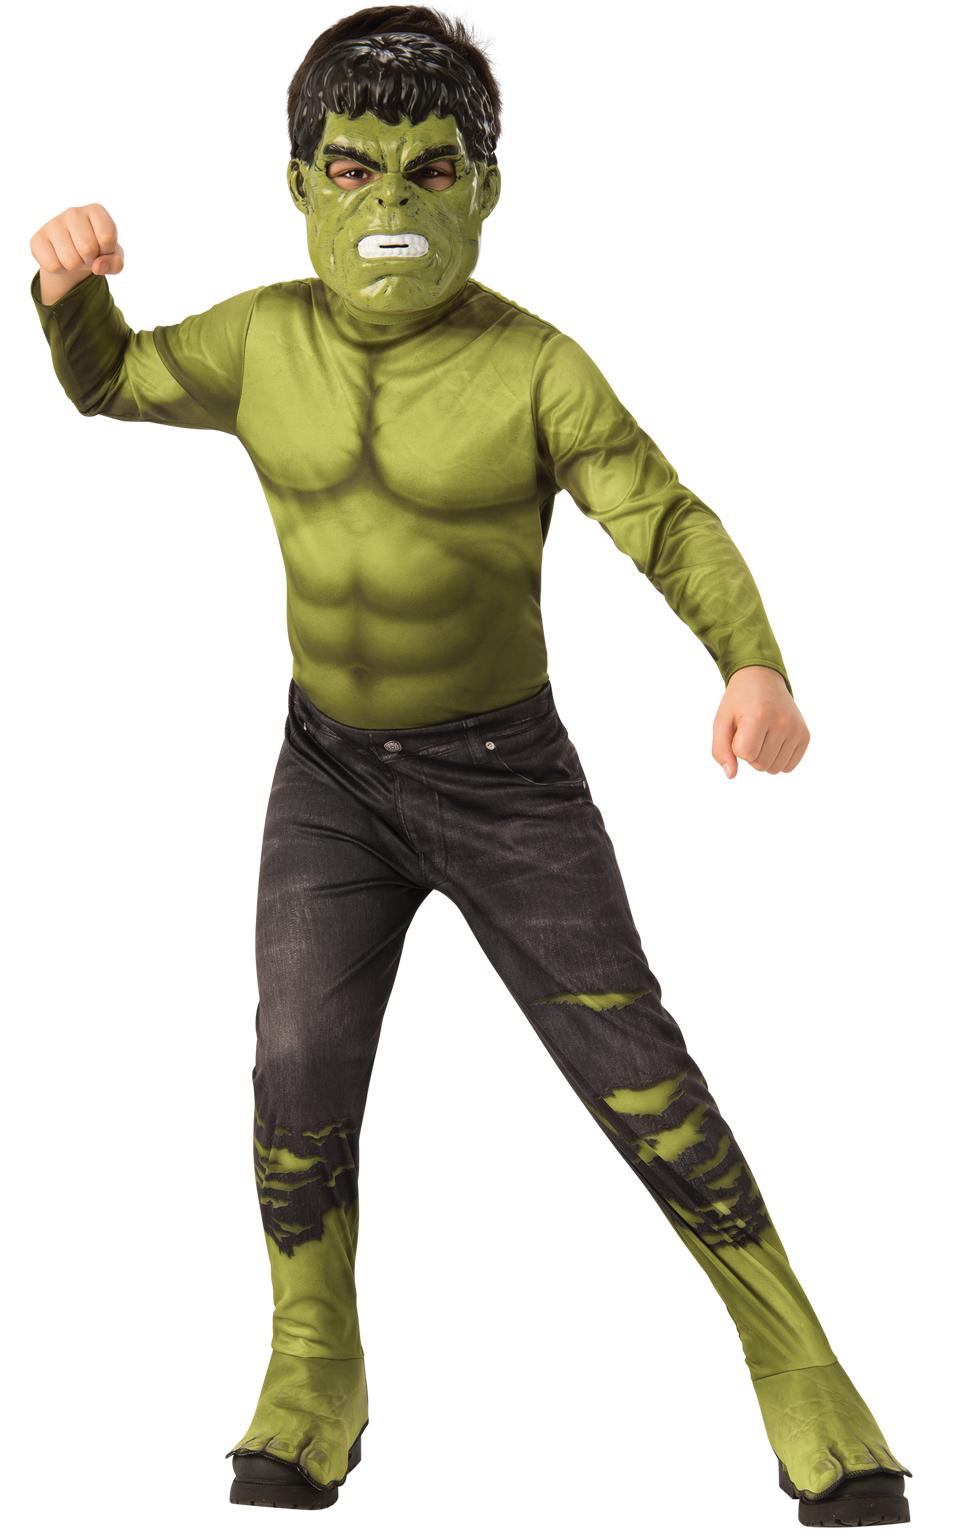 Avengers Endgame: Hulk - Classic kostým s maskou vel. S